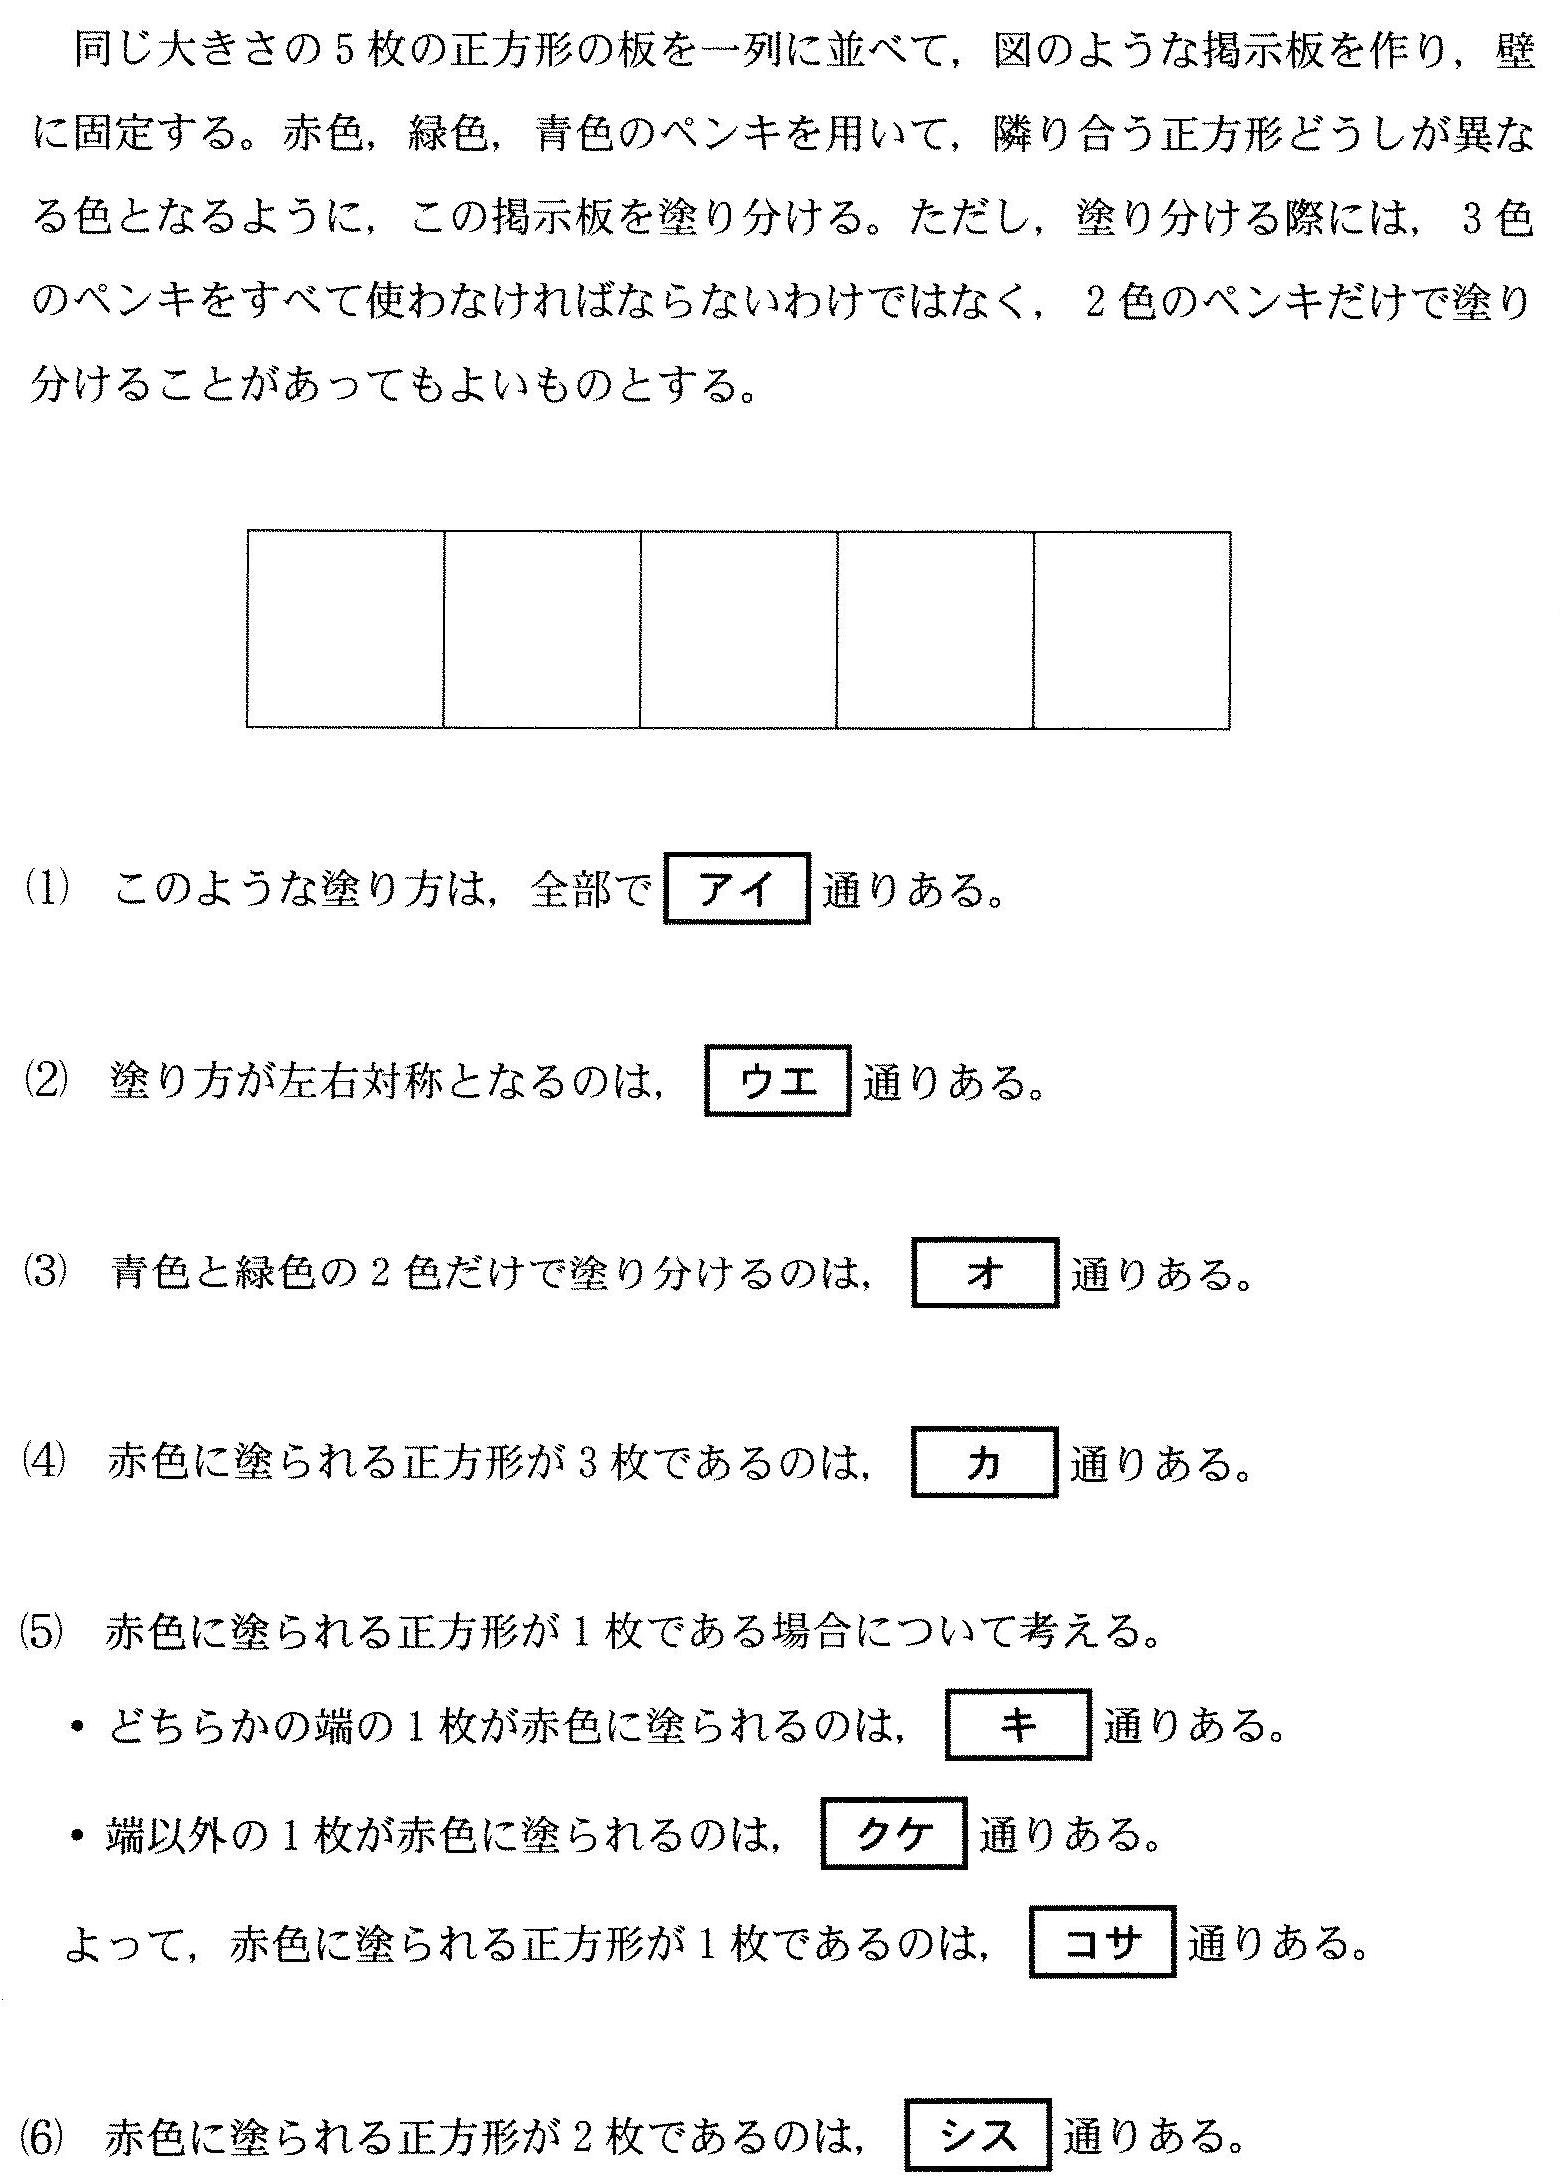 問題1A4